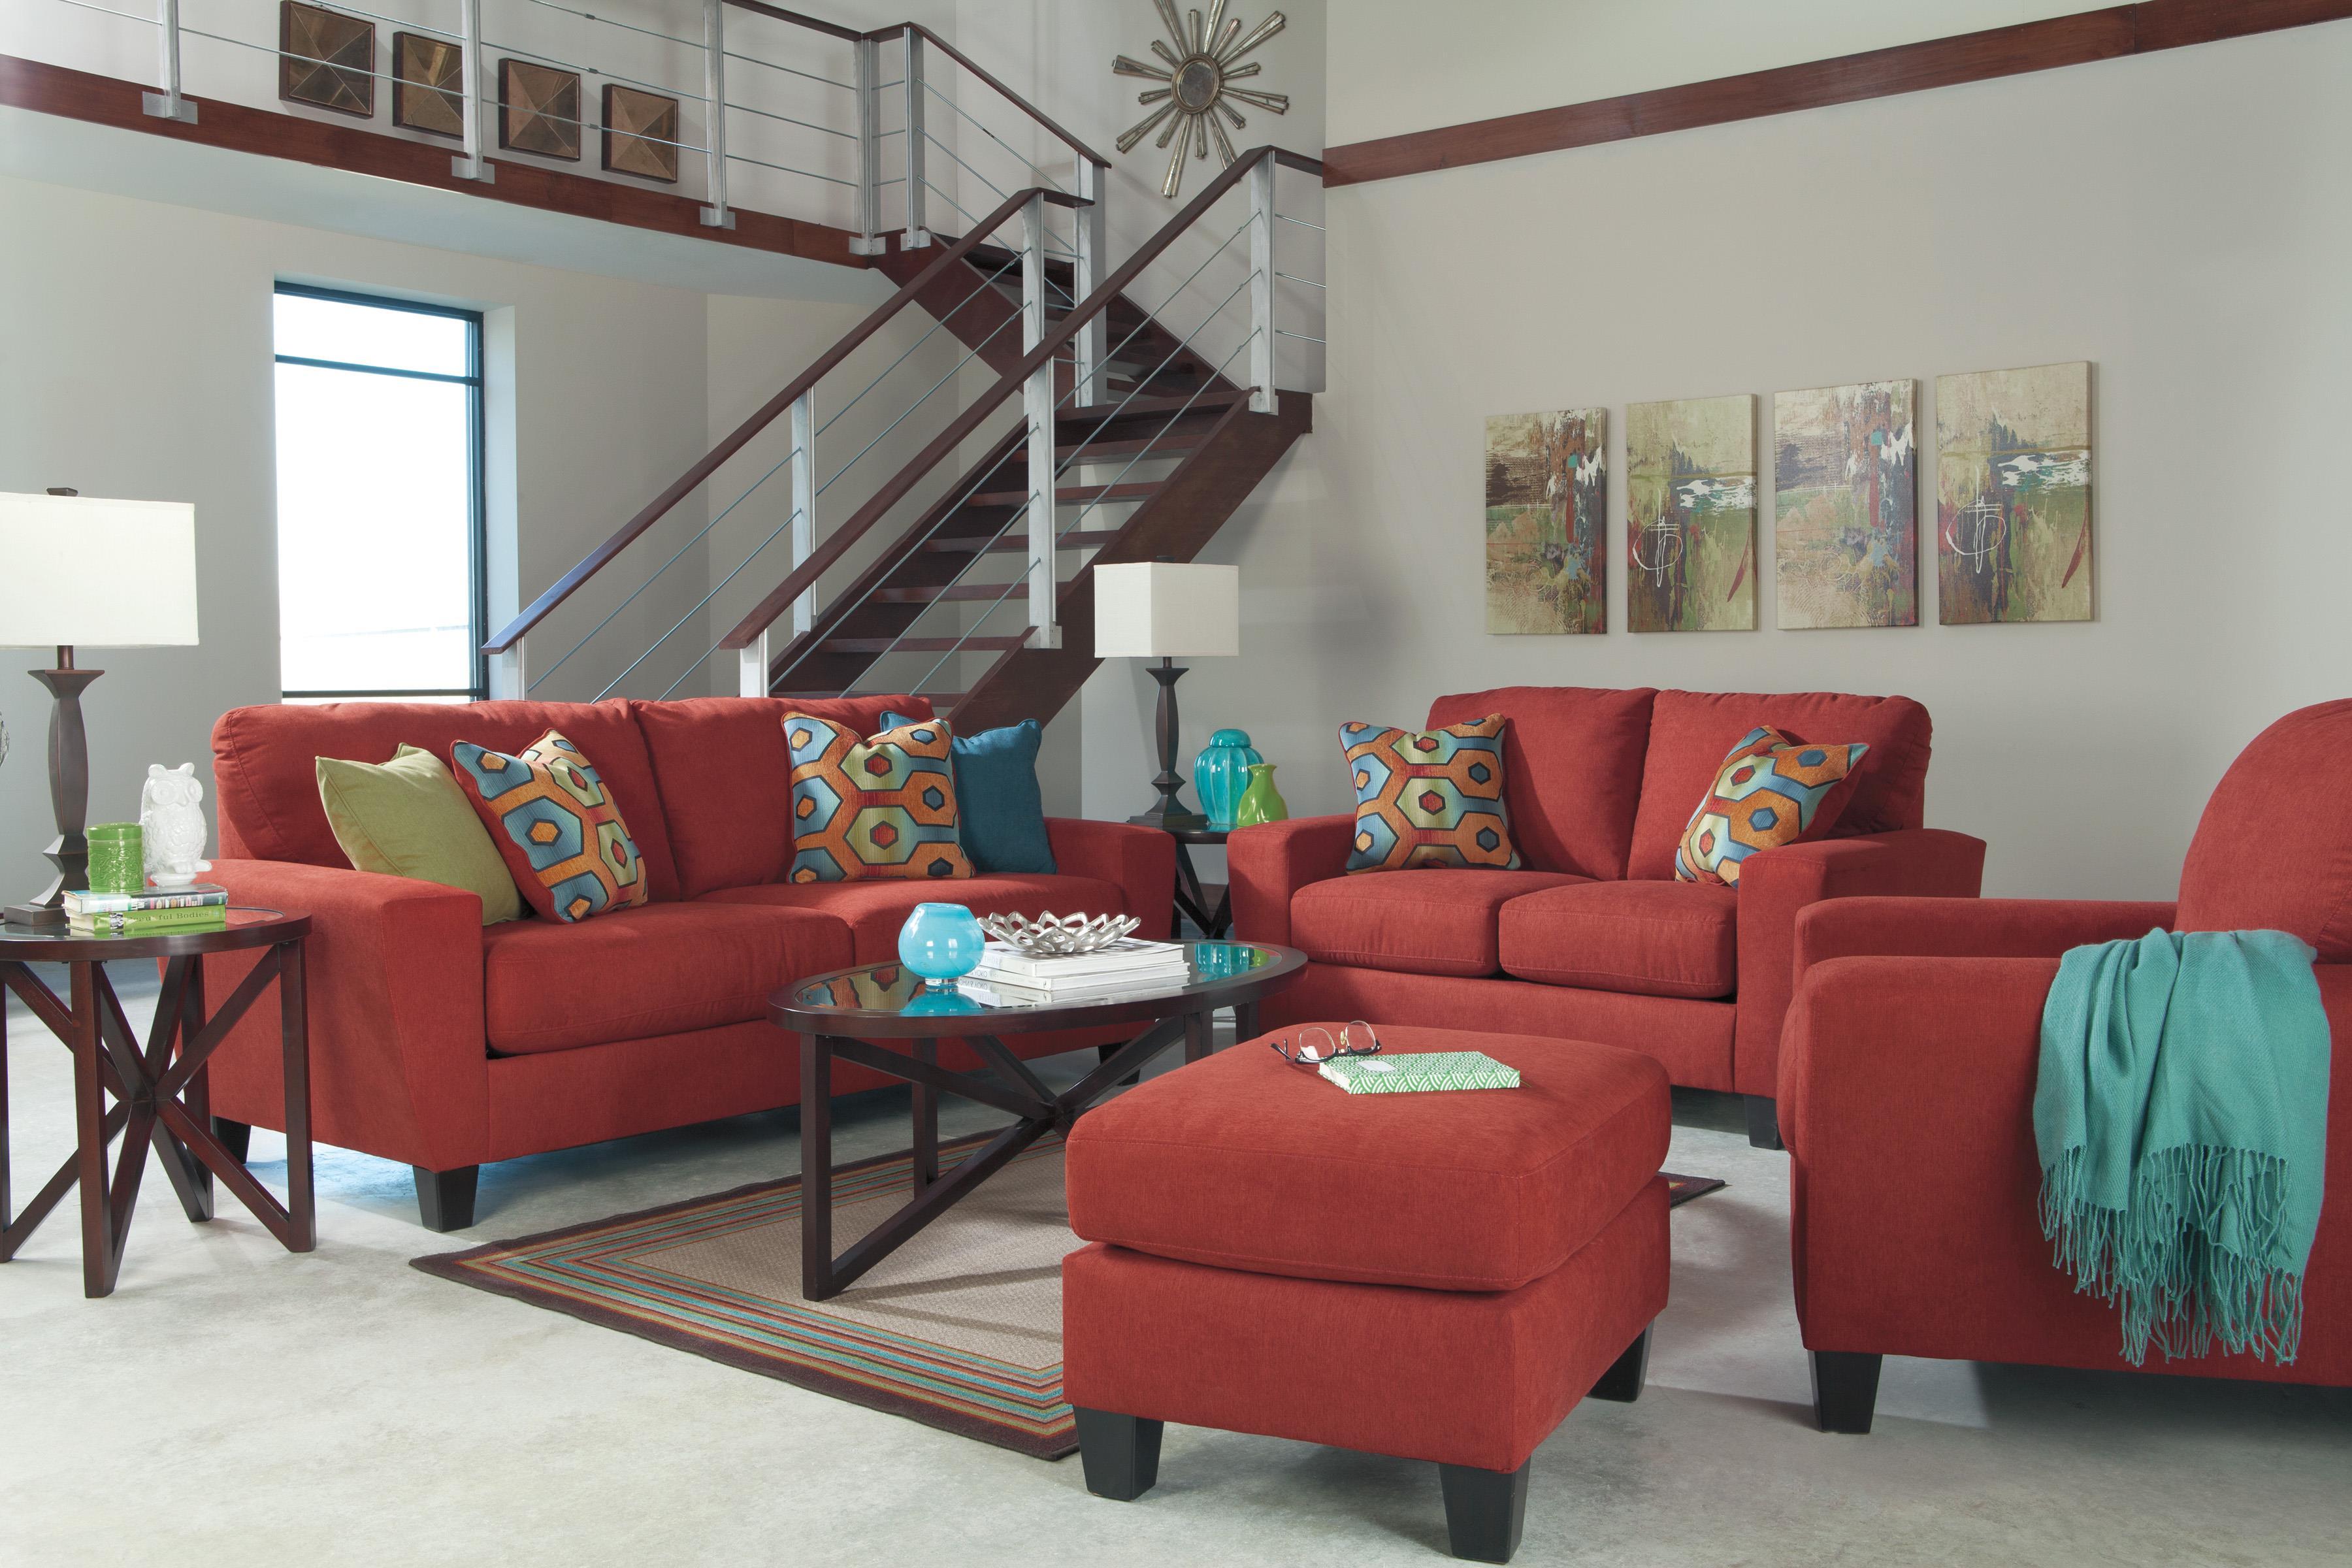 Signature Design By Ashley Sagen Stationary Living Room Group   Item  Number: 93903 Living Room